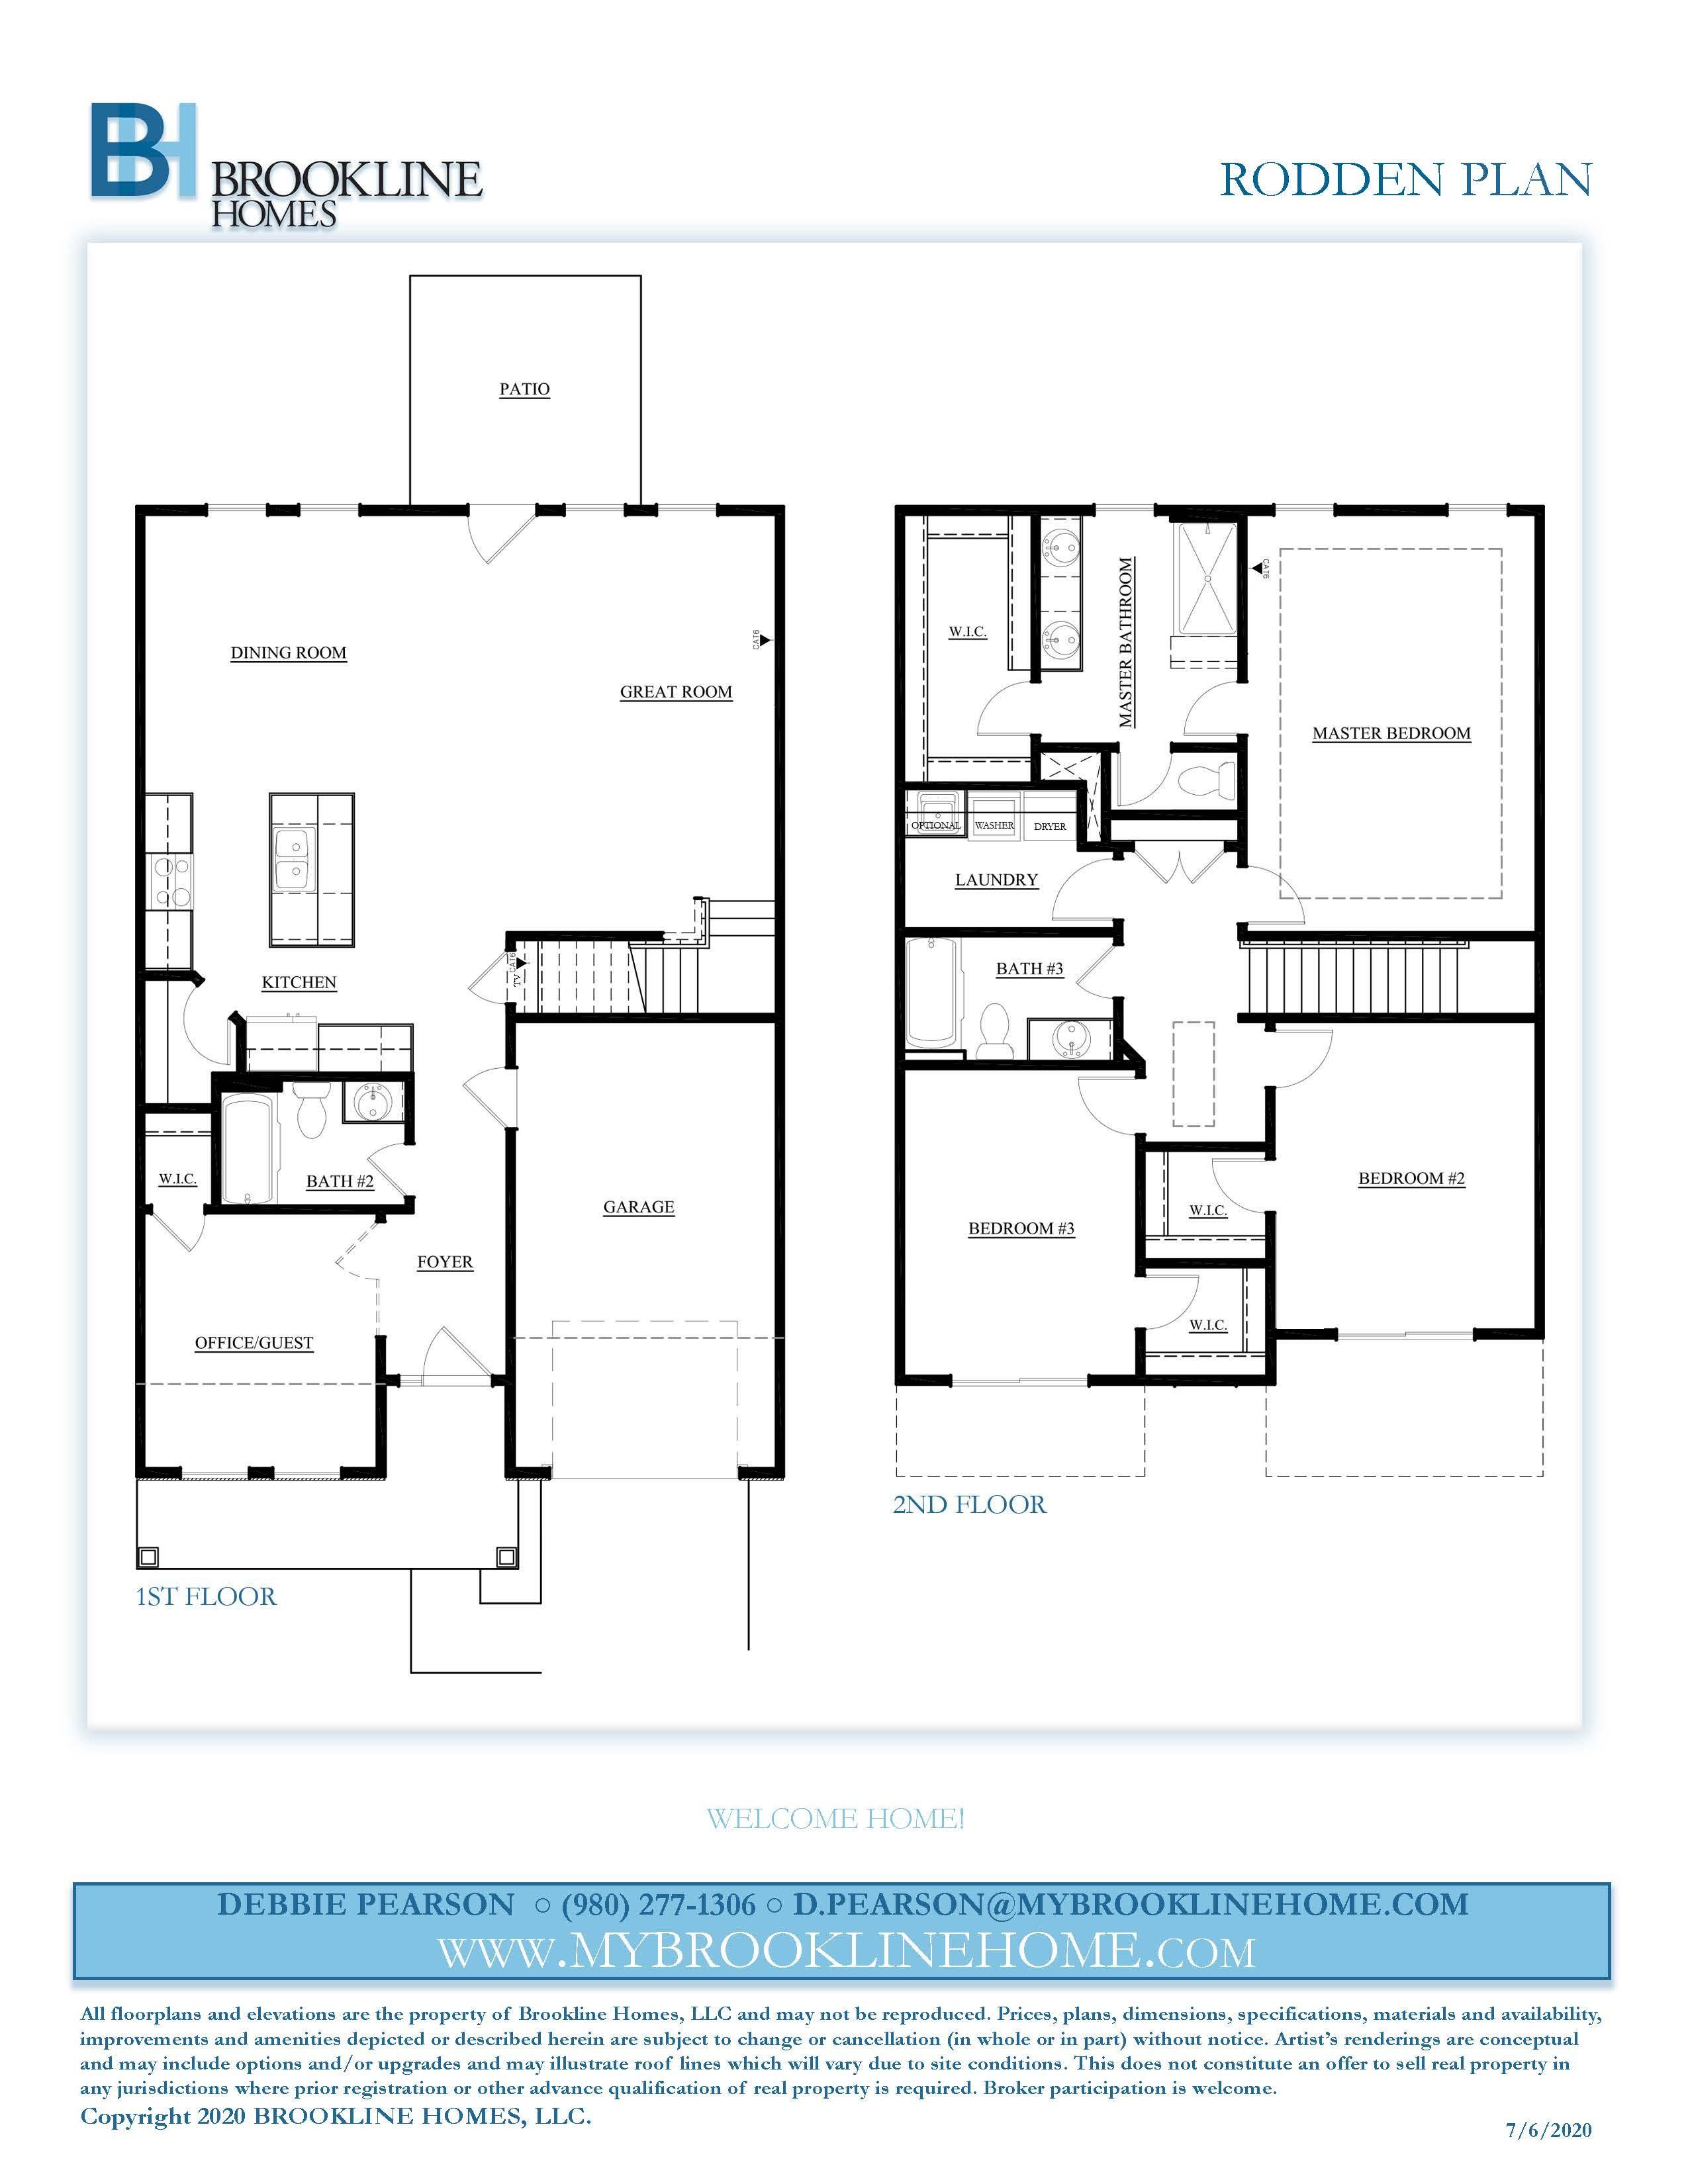 Rodden Floorplan NO FURNITURE 7.6.20.jpg